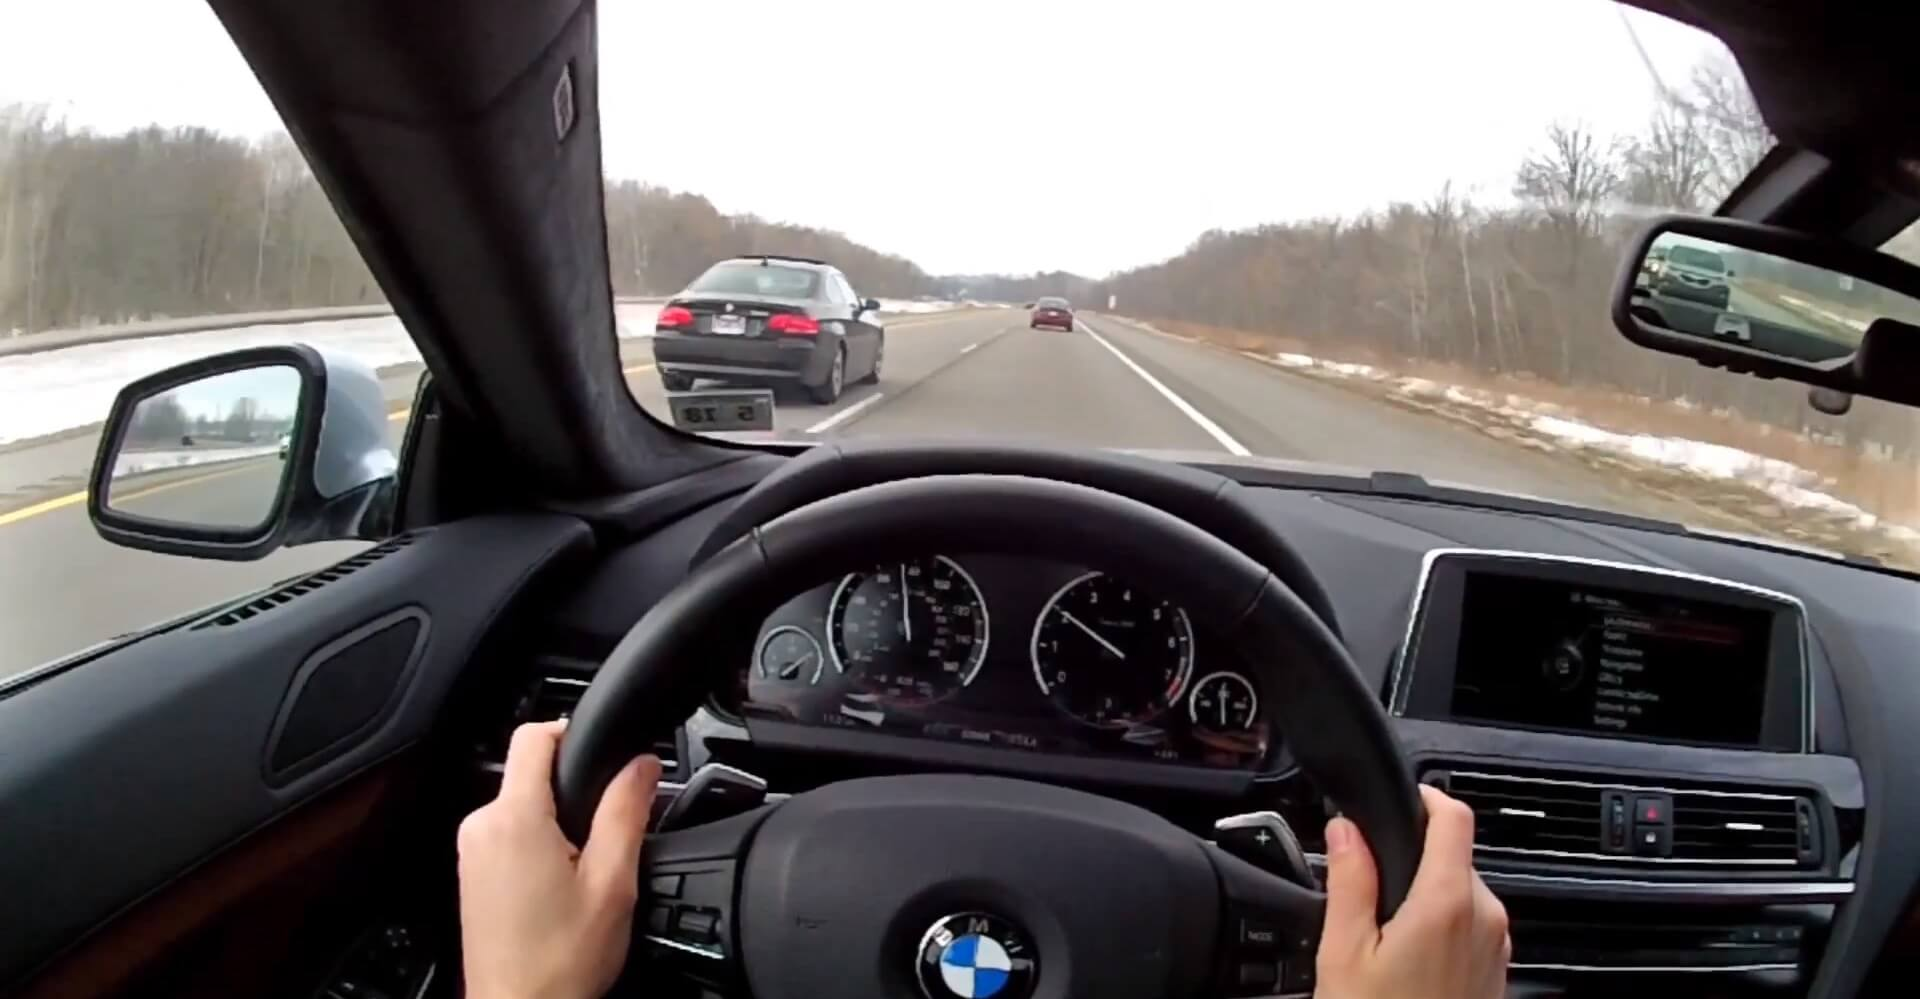 يجب تجربة قيادة السيارة أولاً